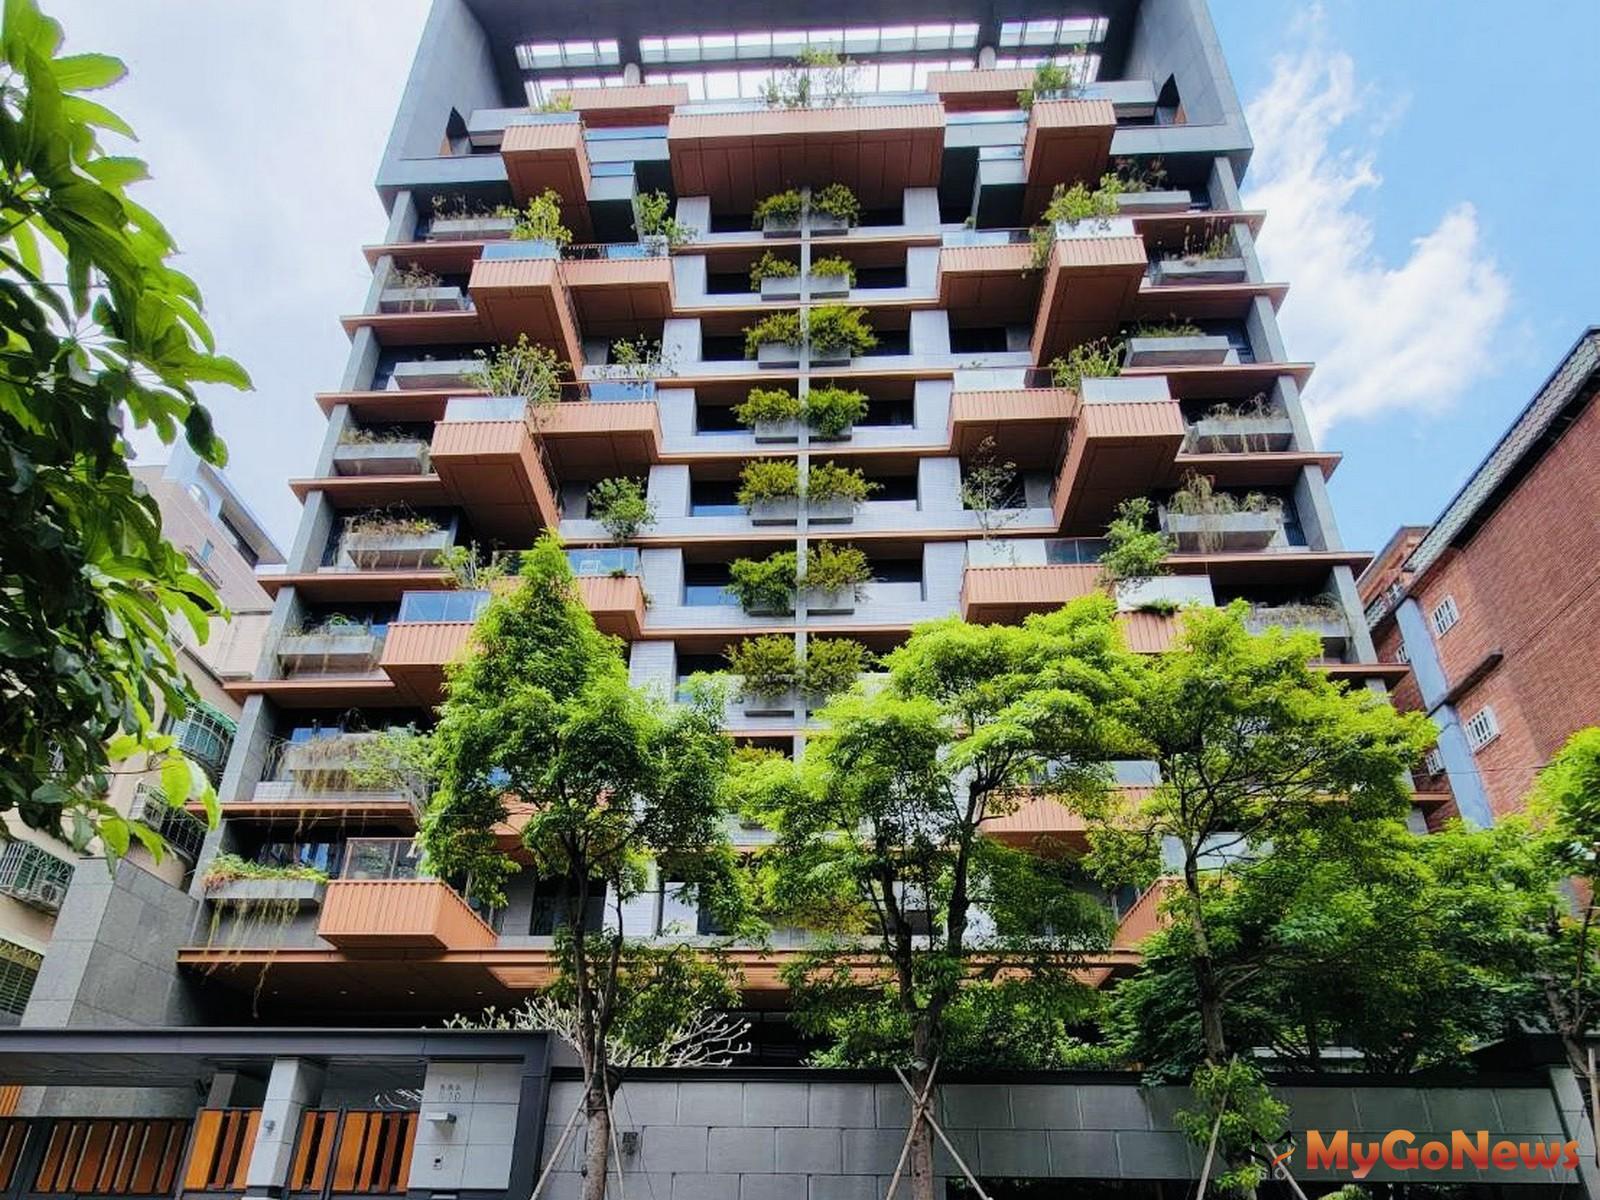 新北市成為六都中新興綠建築最多的城市,圖為位於新北蘆洲的綠建築-陸江聚(圖-台灣房屋) MyGoNews房地產新聞 市場快訊